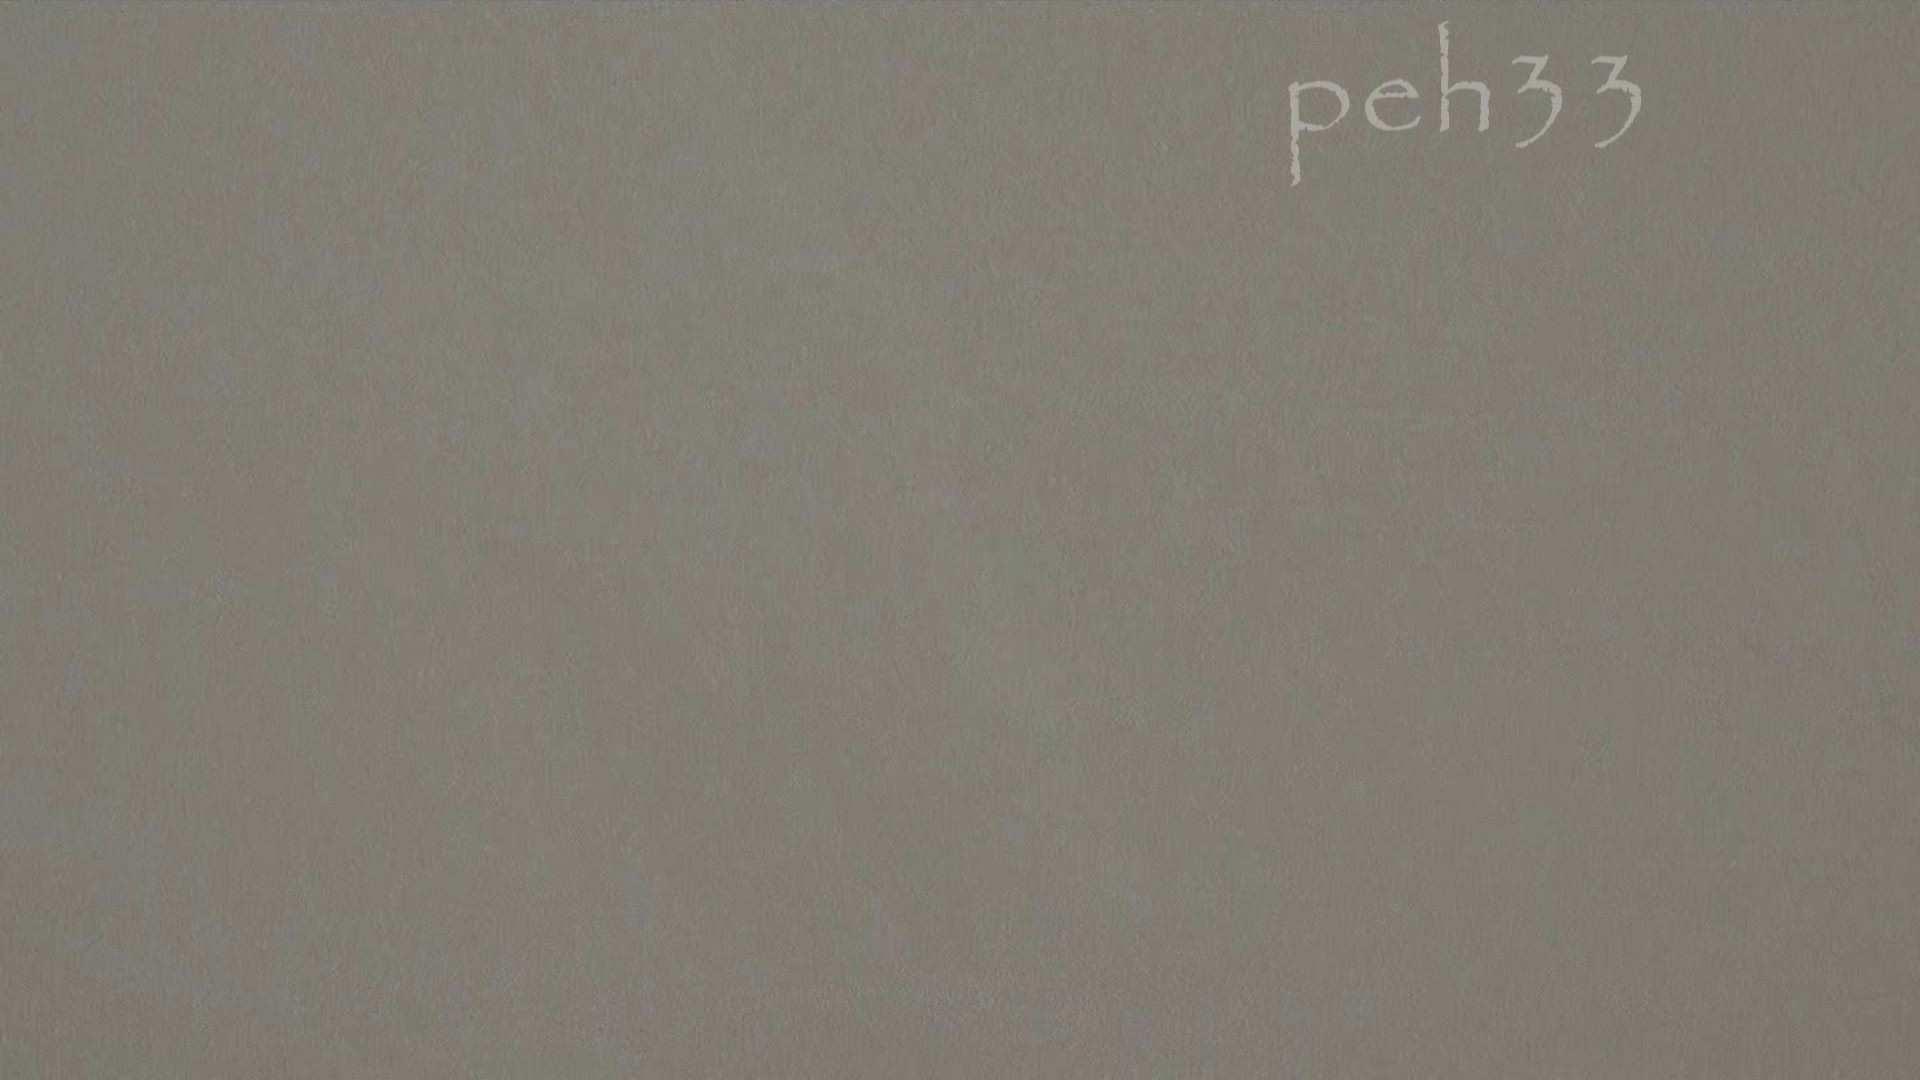 ※100個限定販売 至高下半身盗撮 プレミアム Vol.33 ハイビジョン ギャル達 アダルト動画キャプチャ 93枚 2